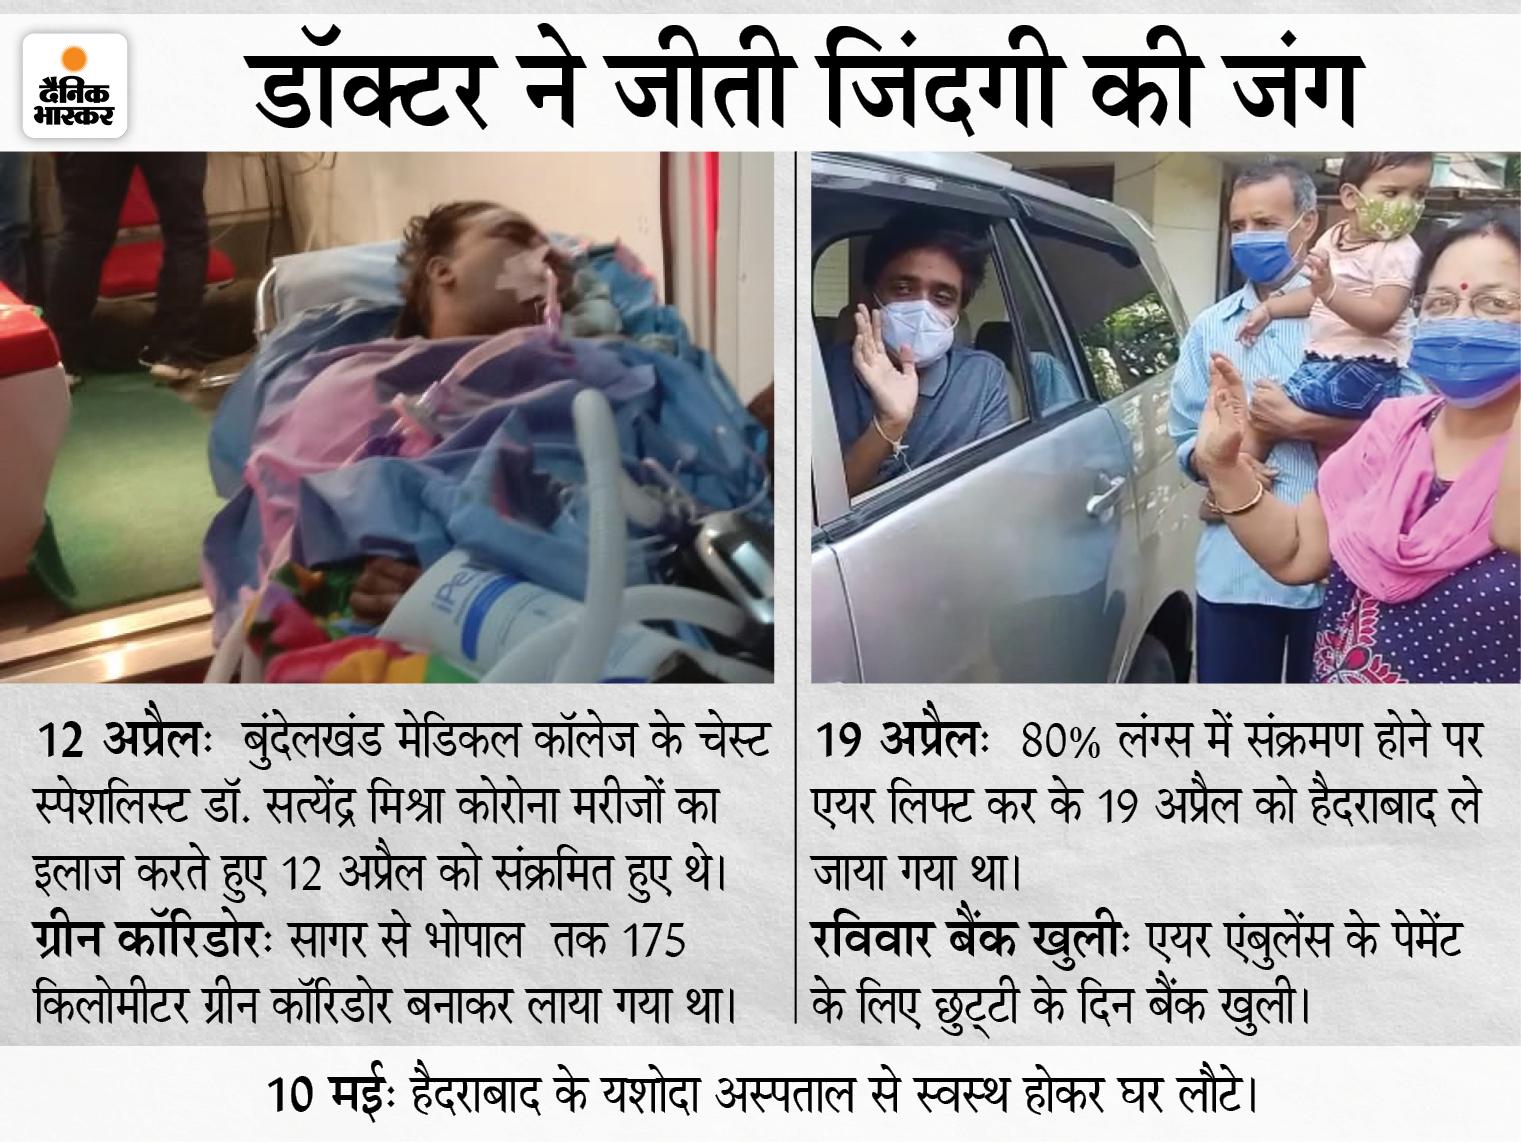 बोले- पेशेंट्स की सेवा में जल्द लौट रहा हूं; 80% लंग्स संक्रमित होने पर सरकार ने इलाज के लिए एयर लिफ्ट कर भेजा हैदराबाद, रविवार को खुली थी बैंक सागर,Sagar - Dainik Bhaskar